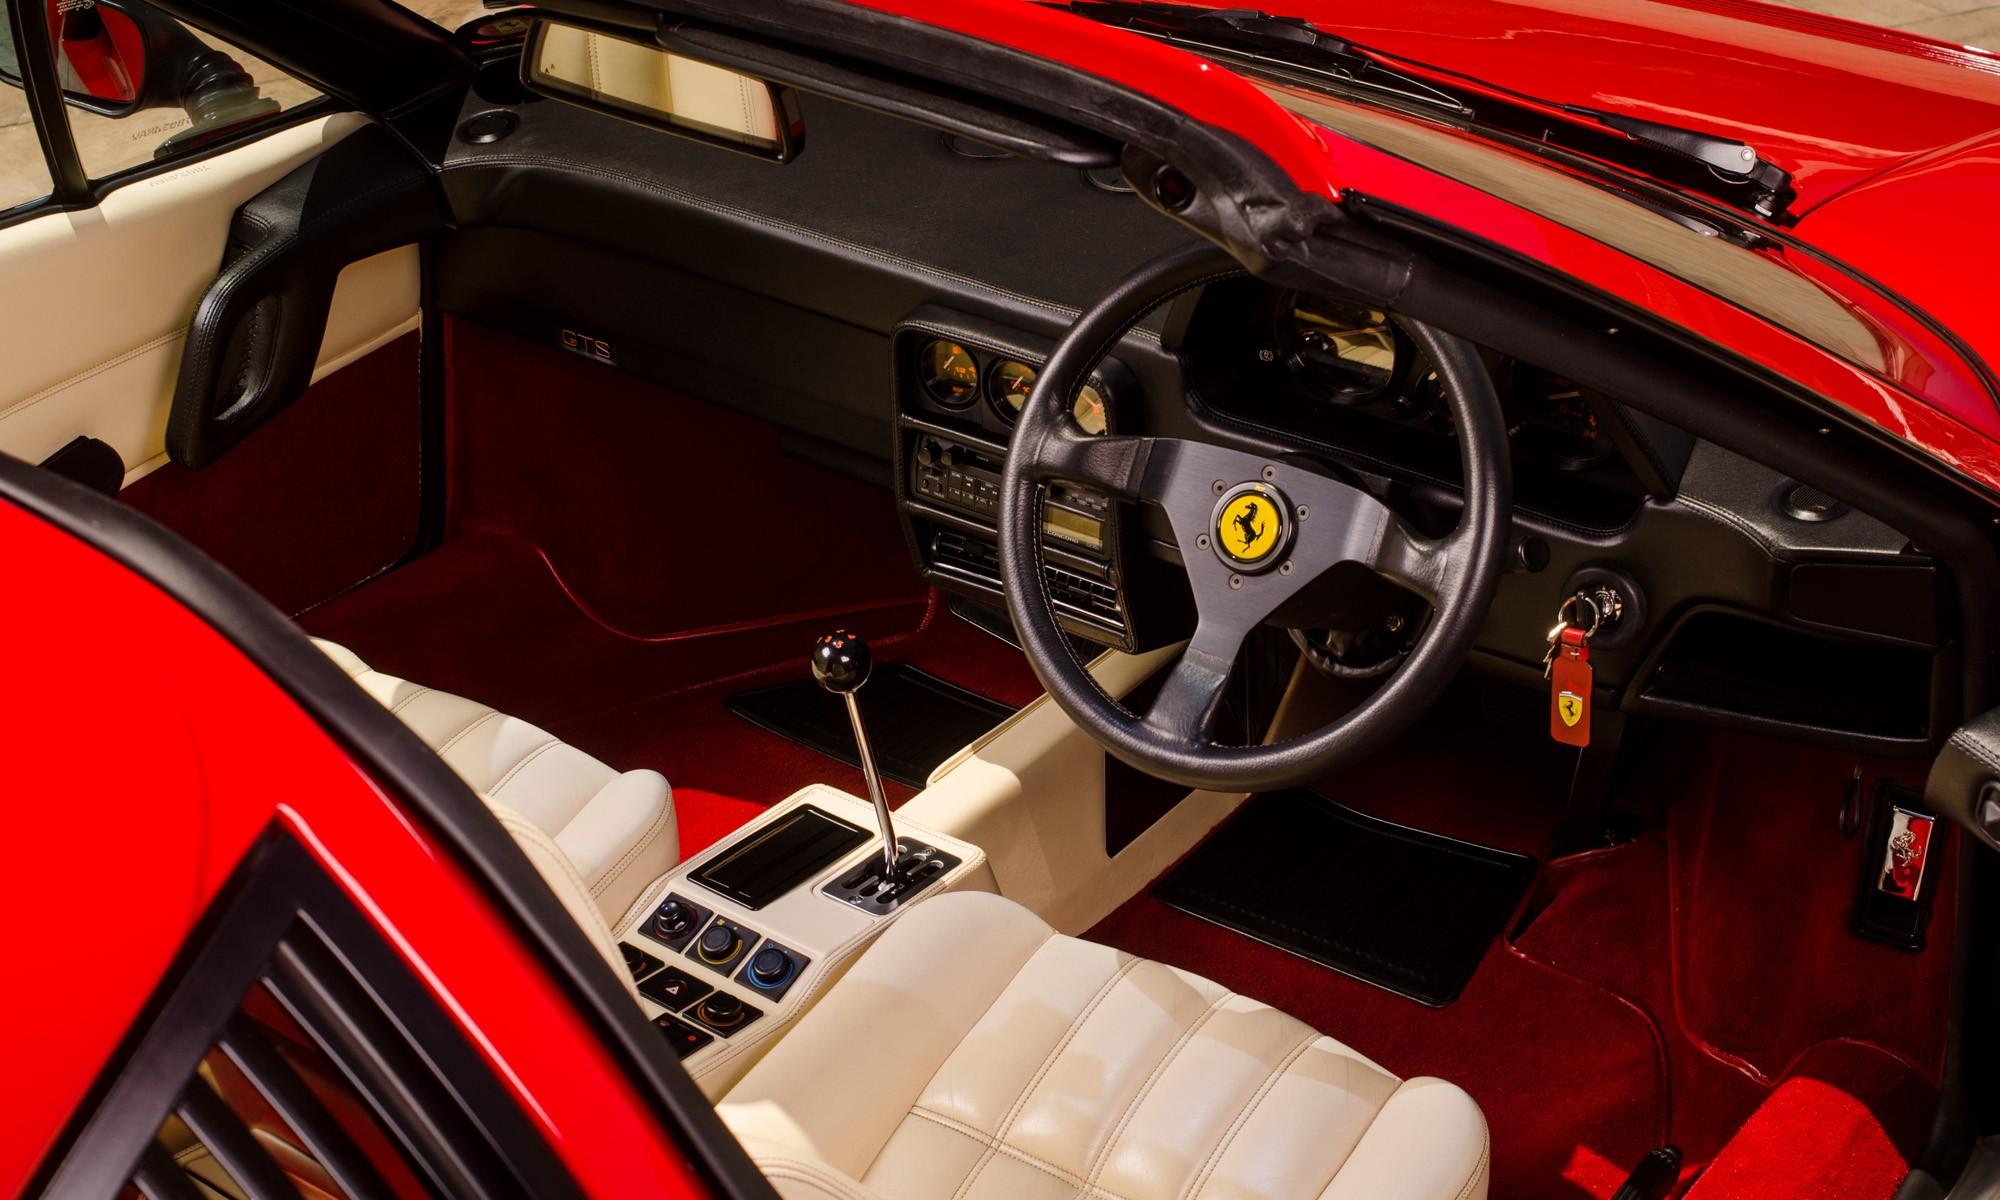 Ferrari 328 GTS interior